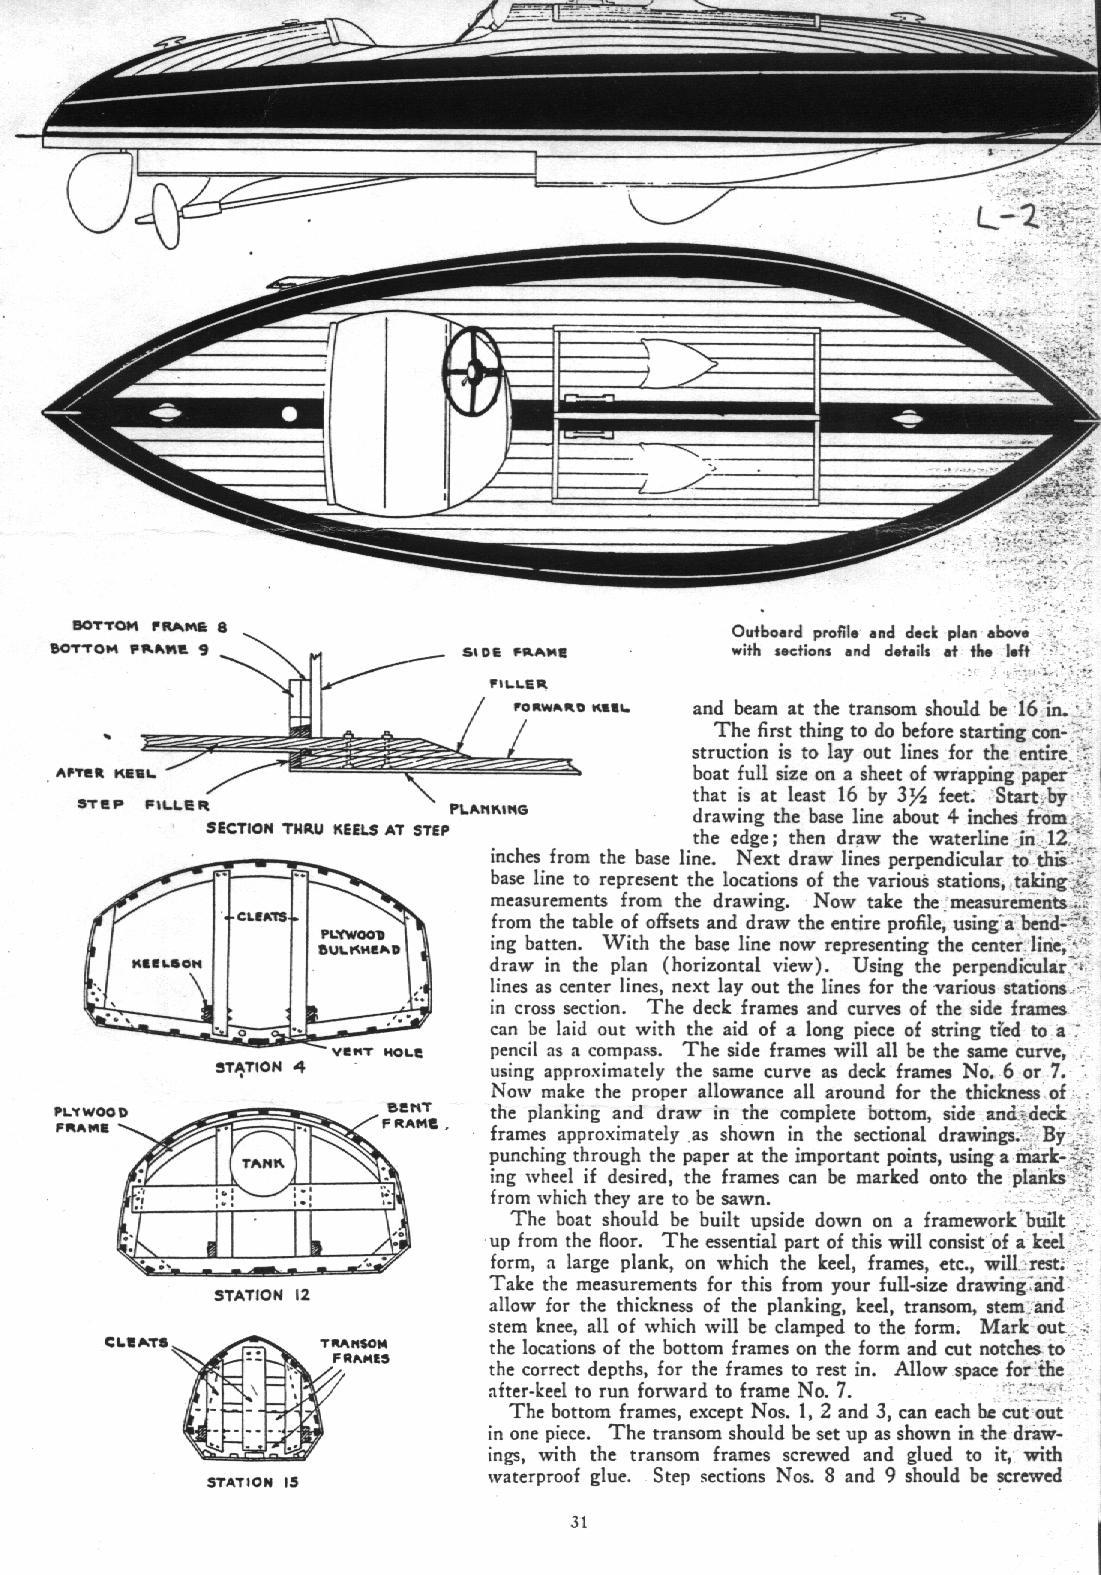 HydroPlanes Flyer